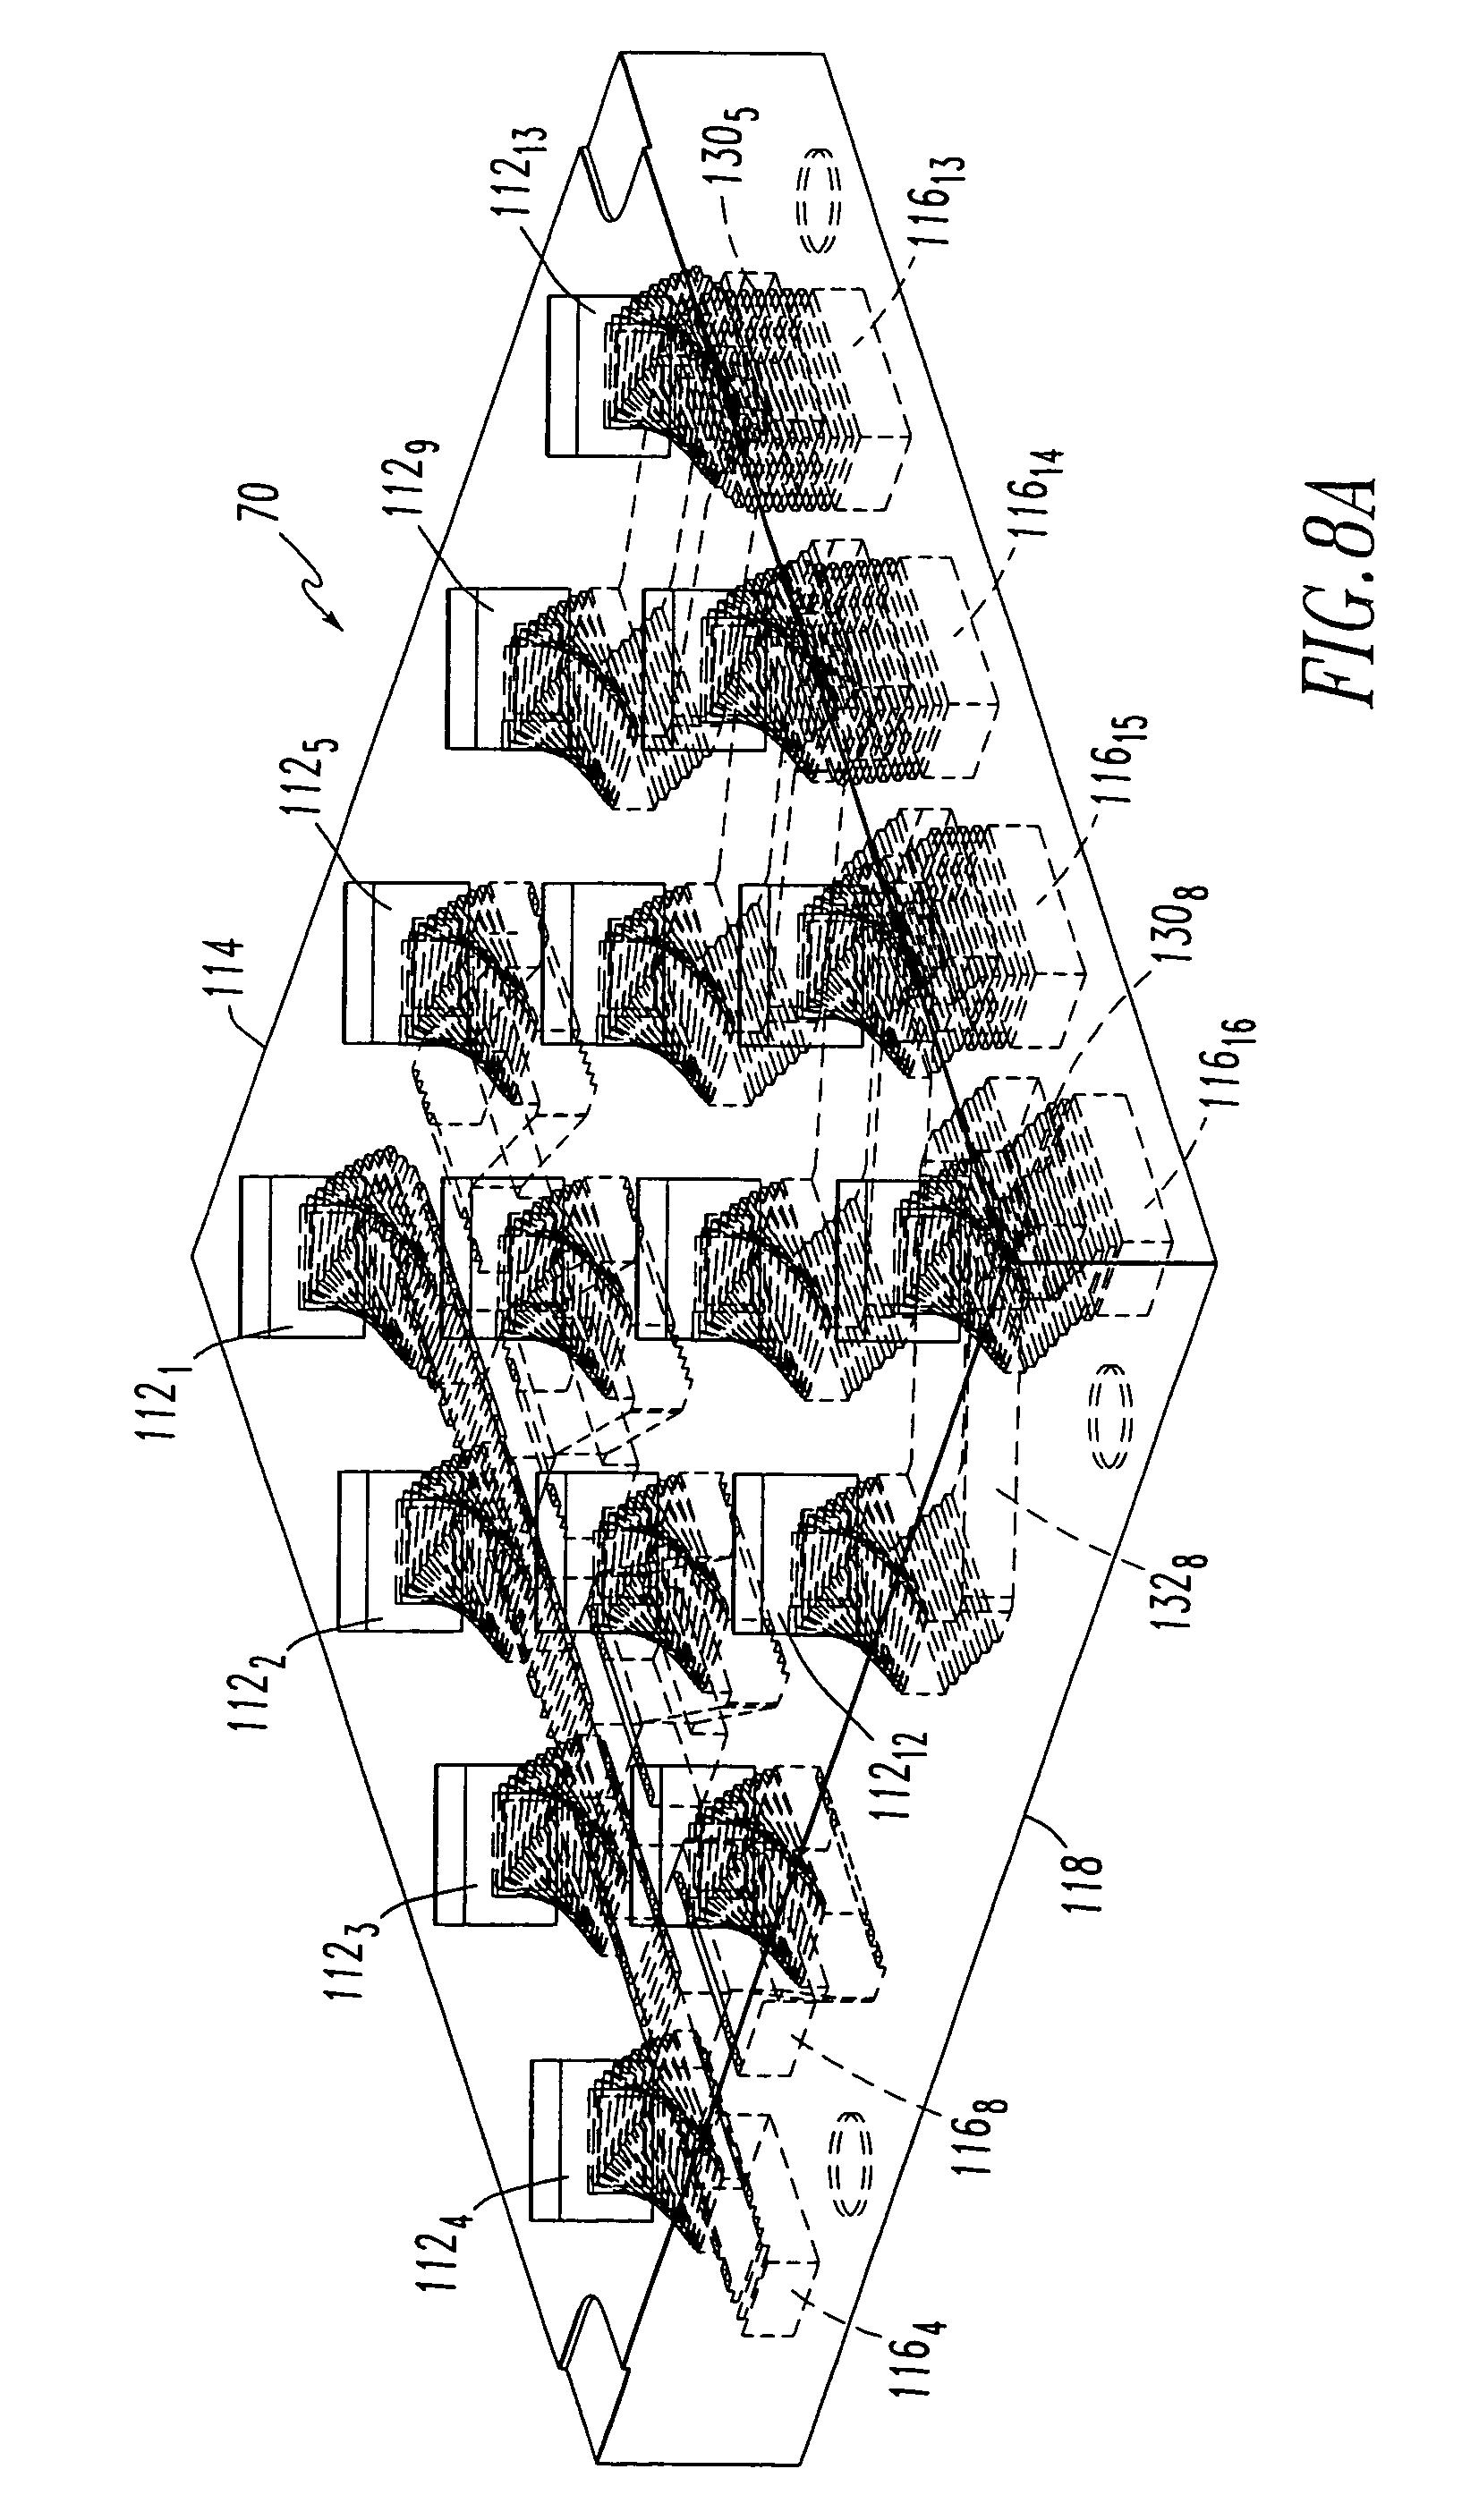 solderless printed circuit board